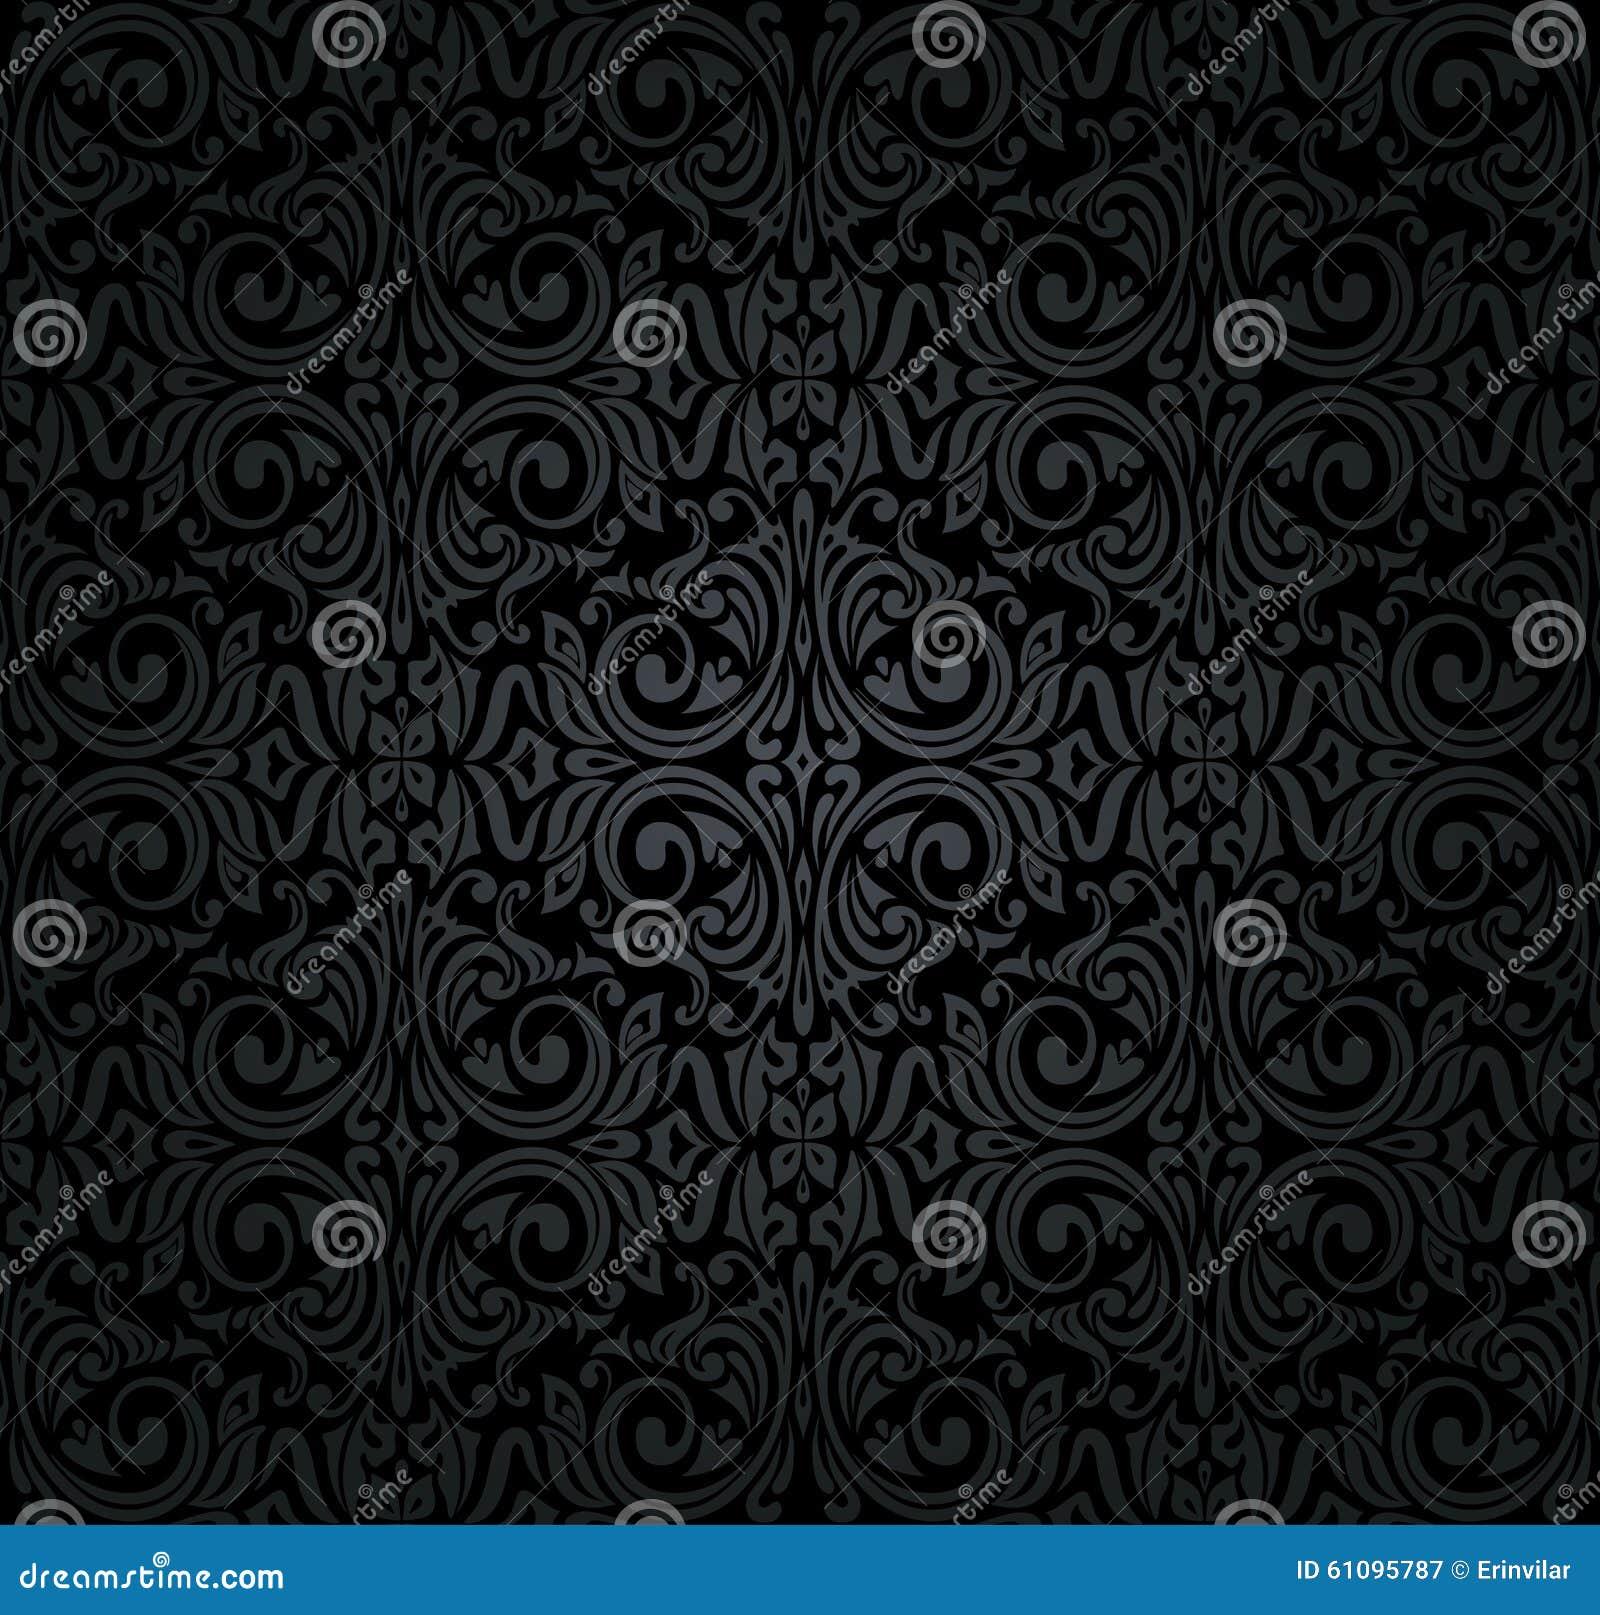 Carta da parati nera dell 39 annata illustrazione vettoriale for Carta da parati nera damascata